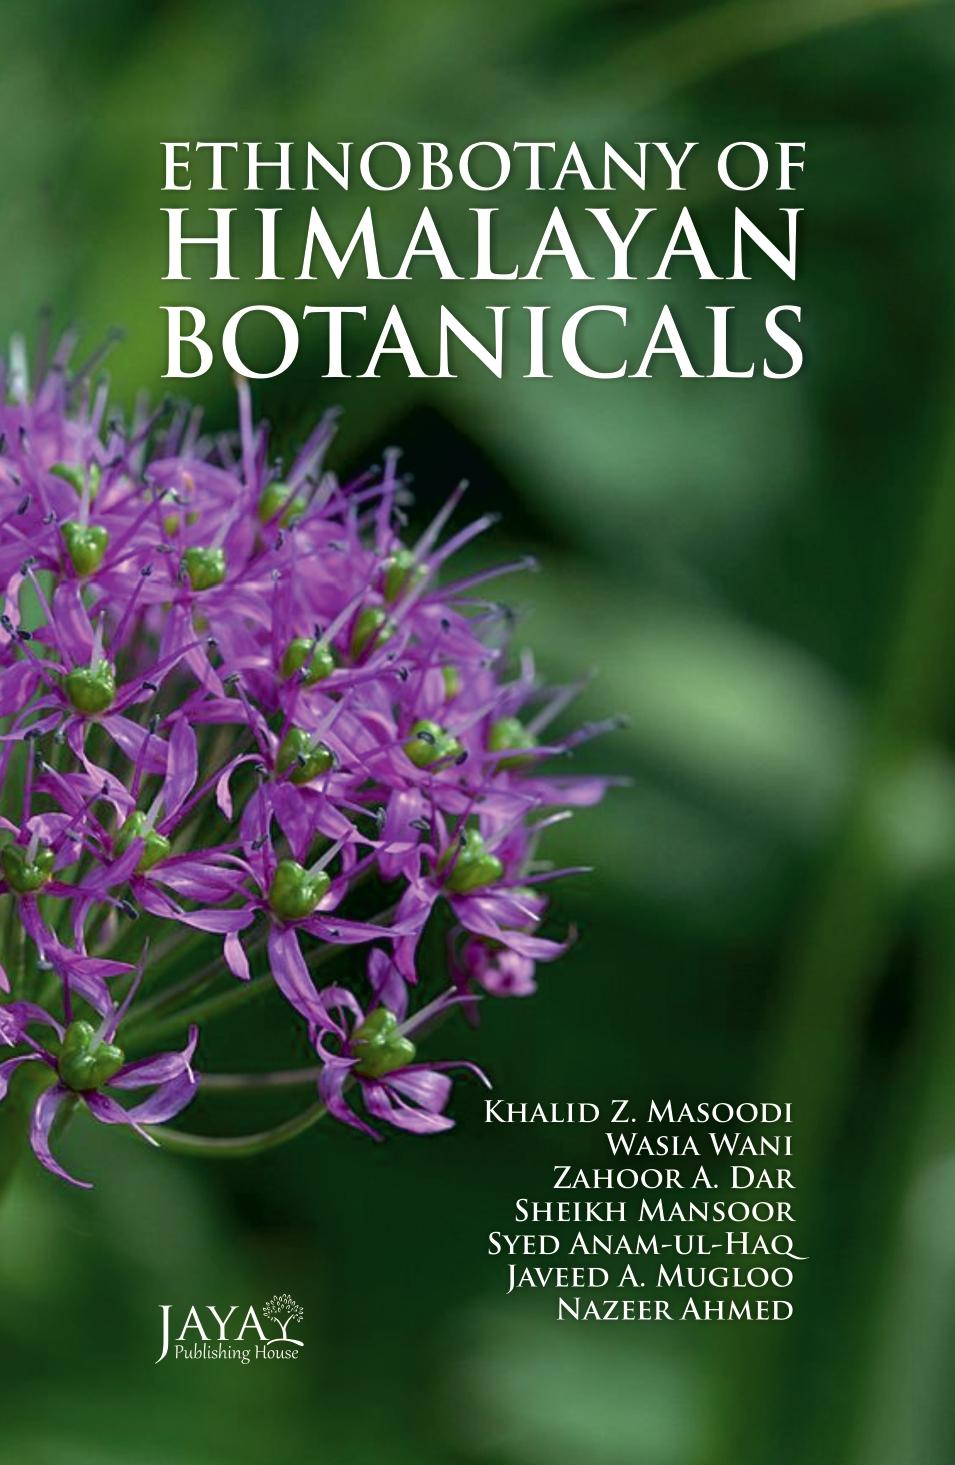 Ethnobotany of Himalayan Botanicals